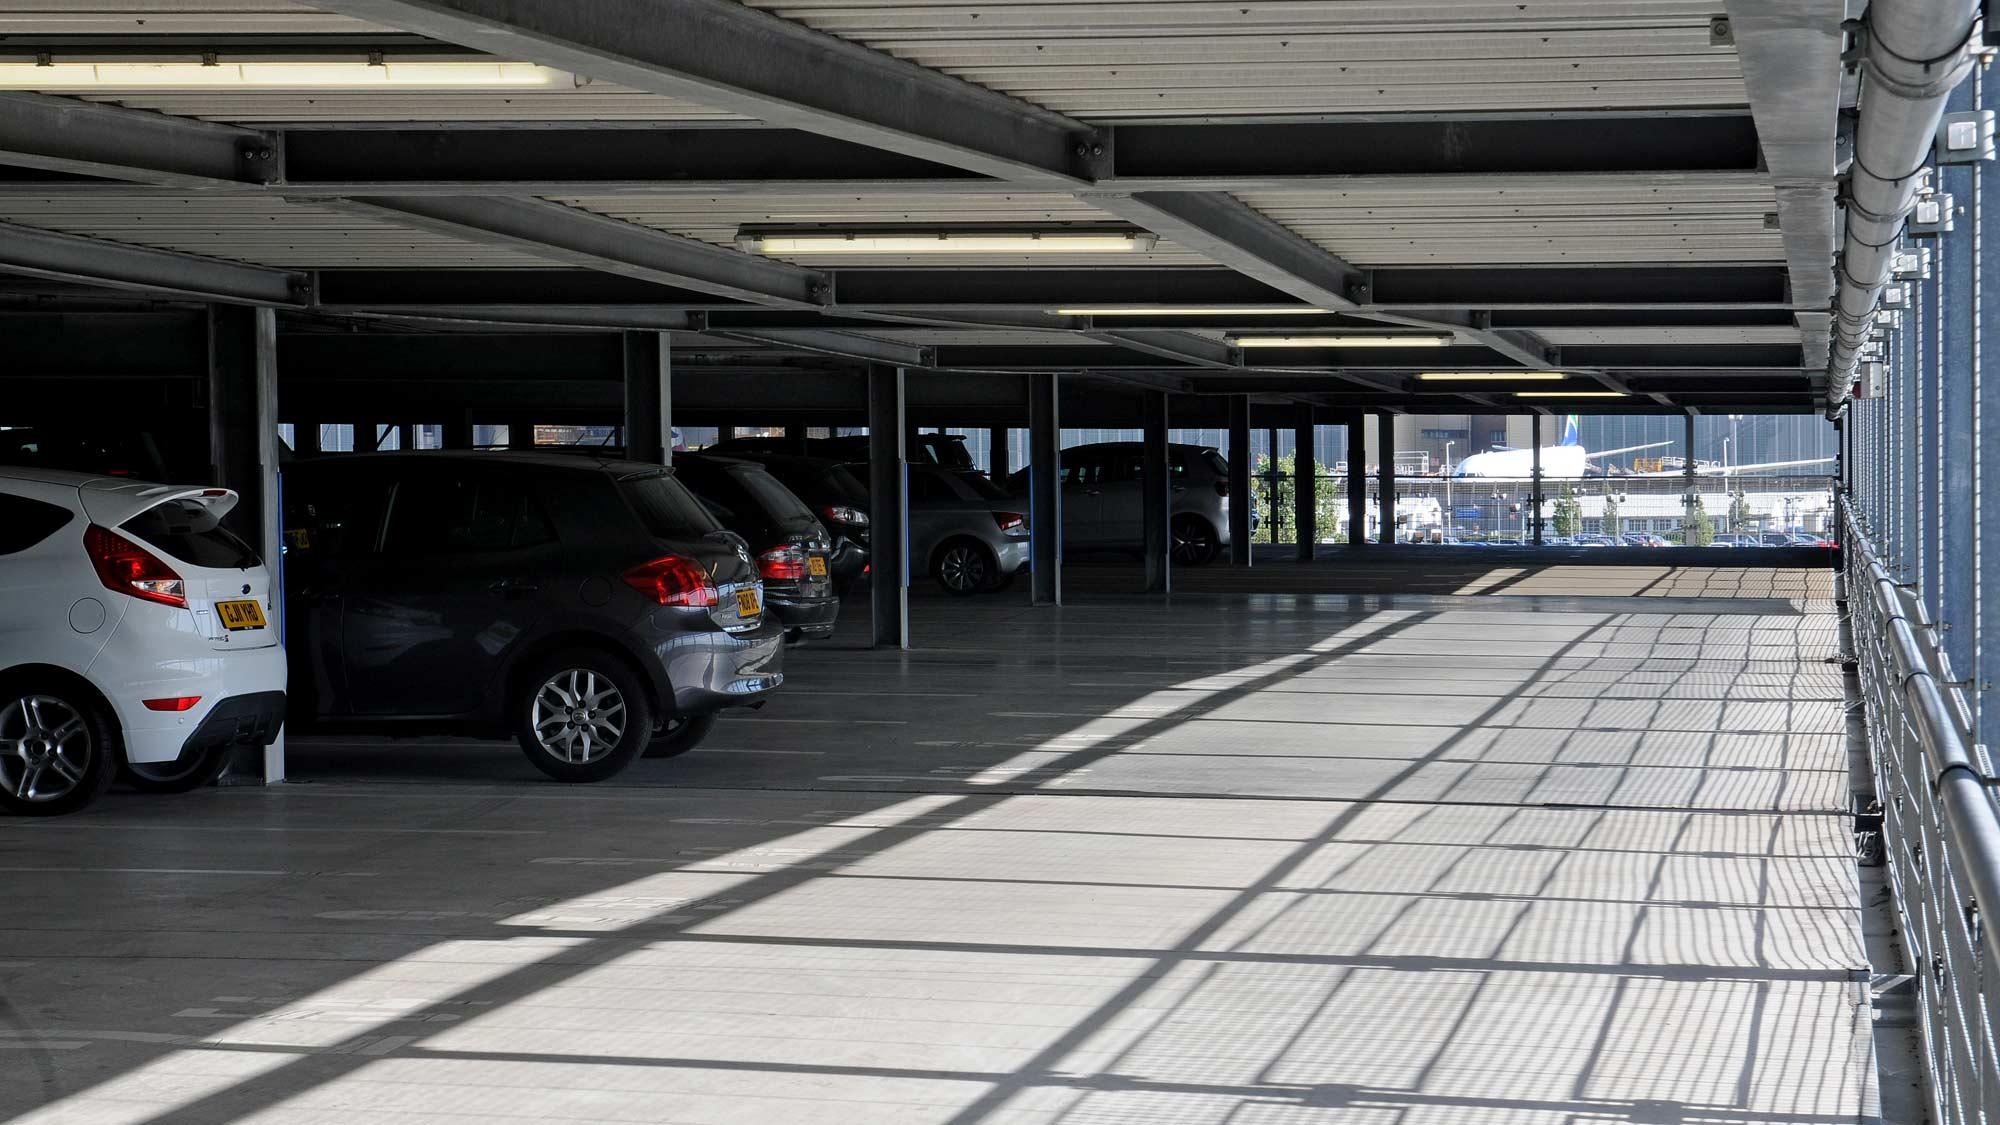 Valet parking heathrow terminal 3 heathrow parking i love valet parking heathrow terminal 3 m4hsunfo